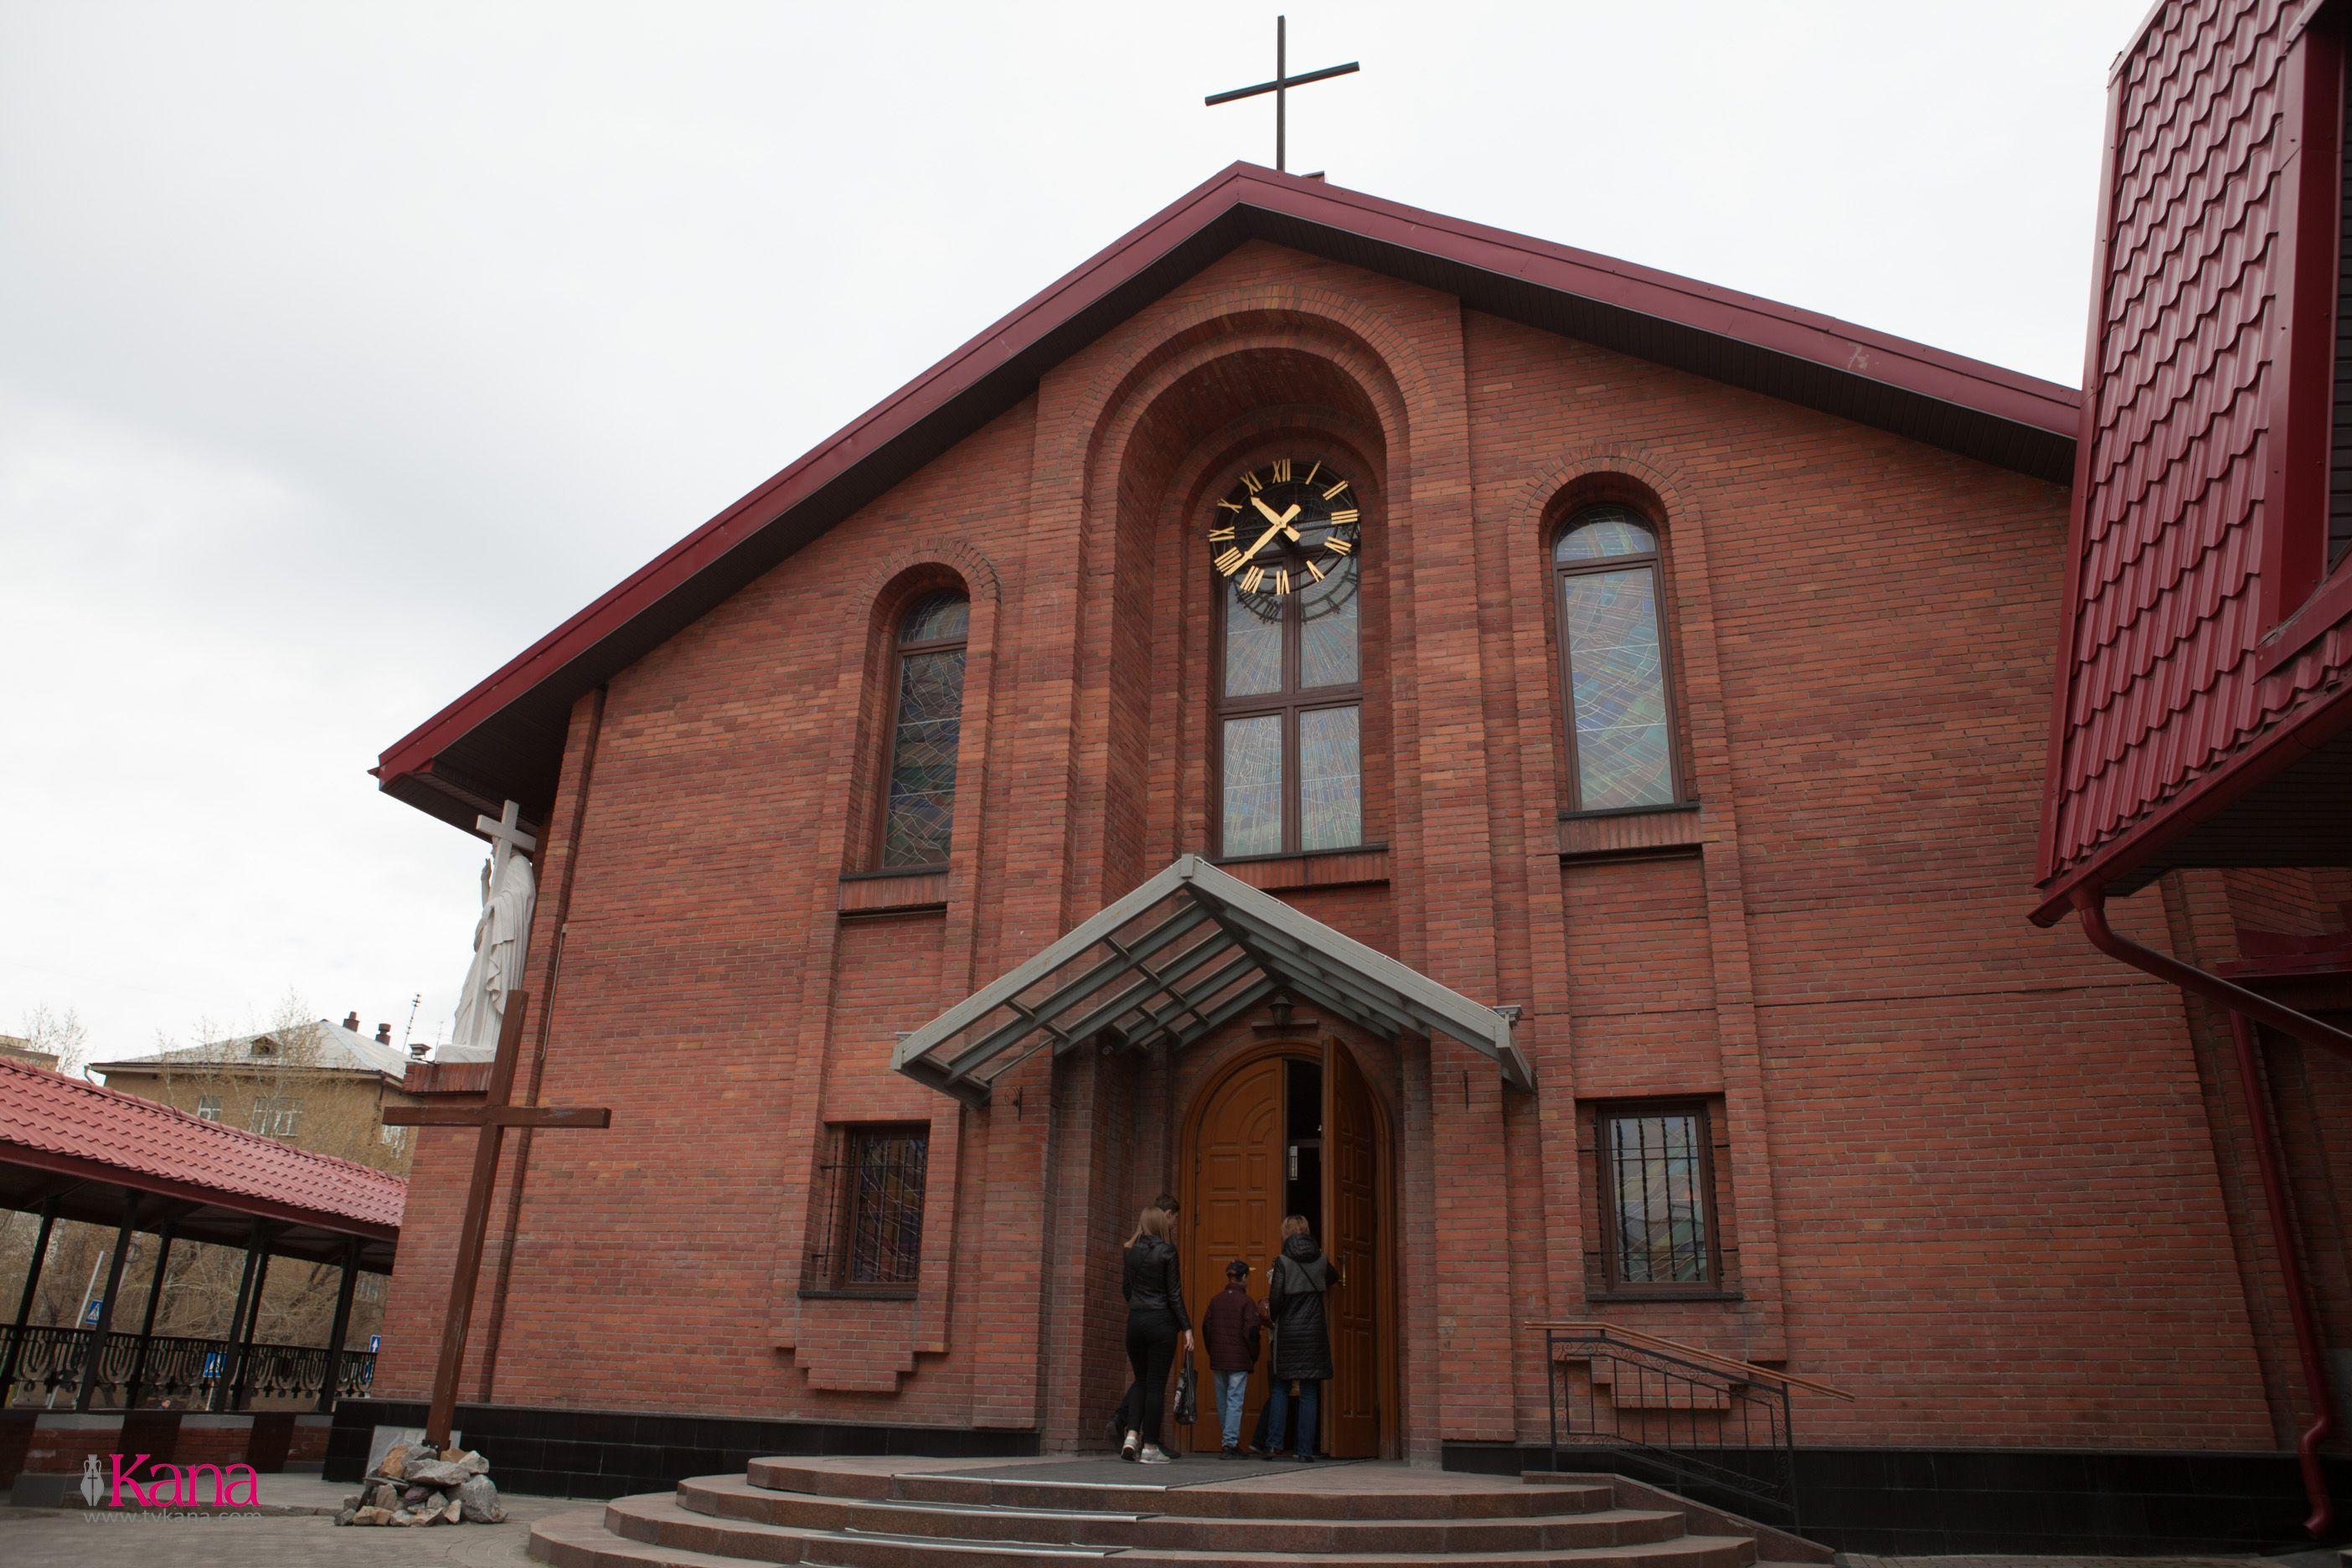 Община Кафедрального собора в Новосибирске попрощалась со своим прежним настоятелем и приветствовала нового